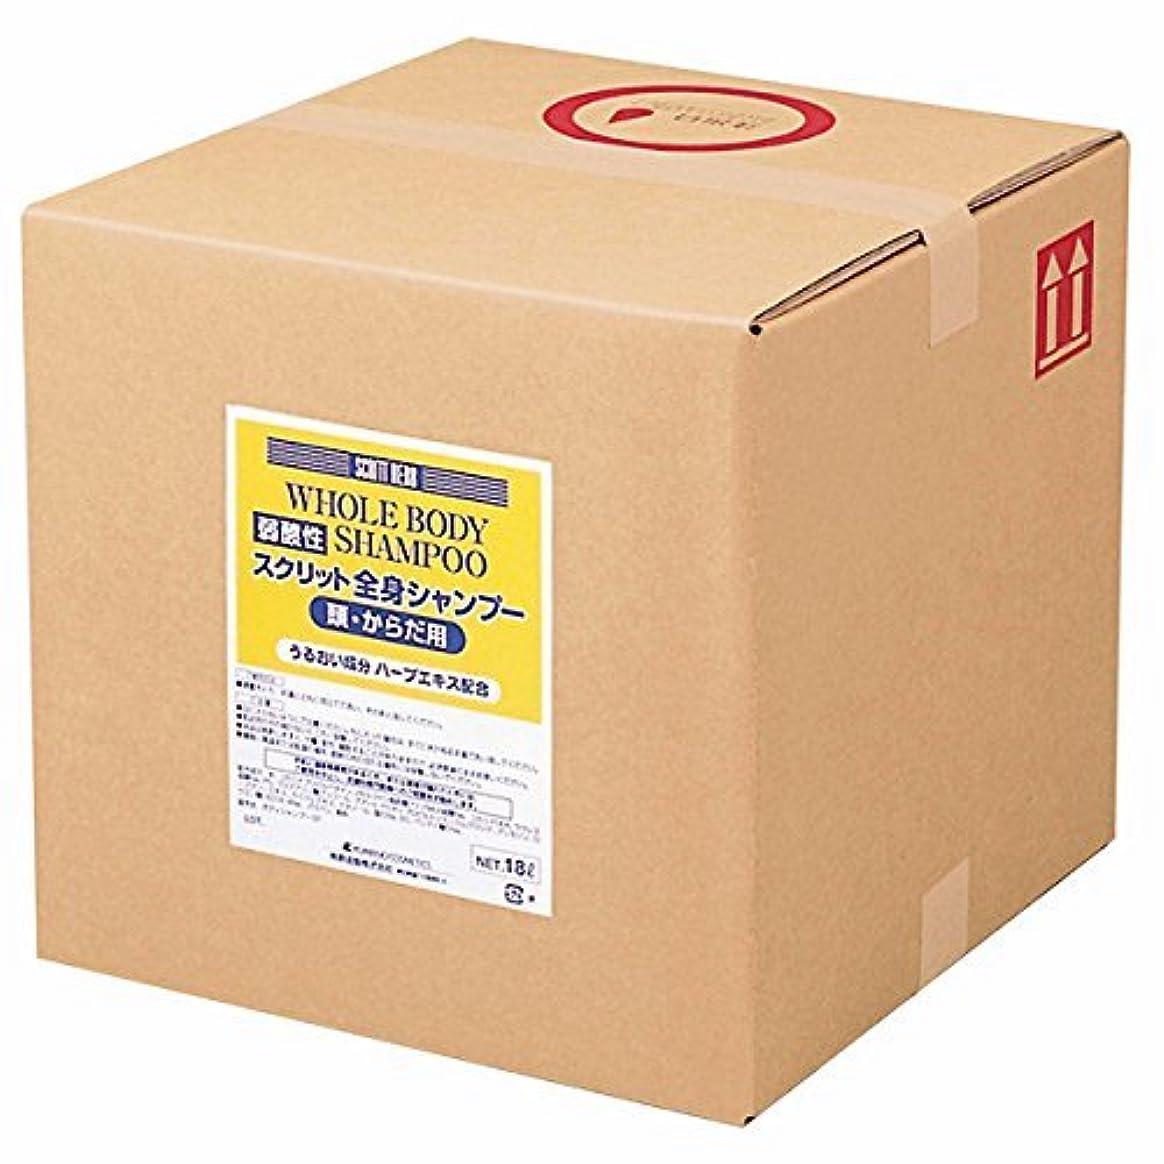 ゆでる活性化精査熊野油脂 業務用 SCRITT(スクリット) 全身シャンプー 18L